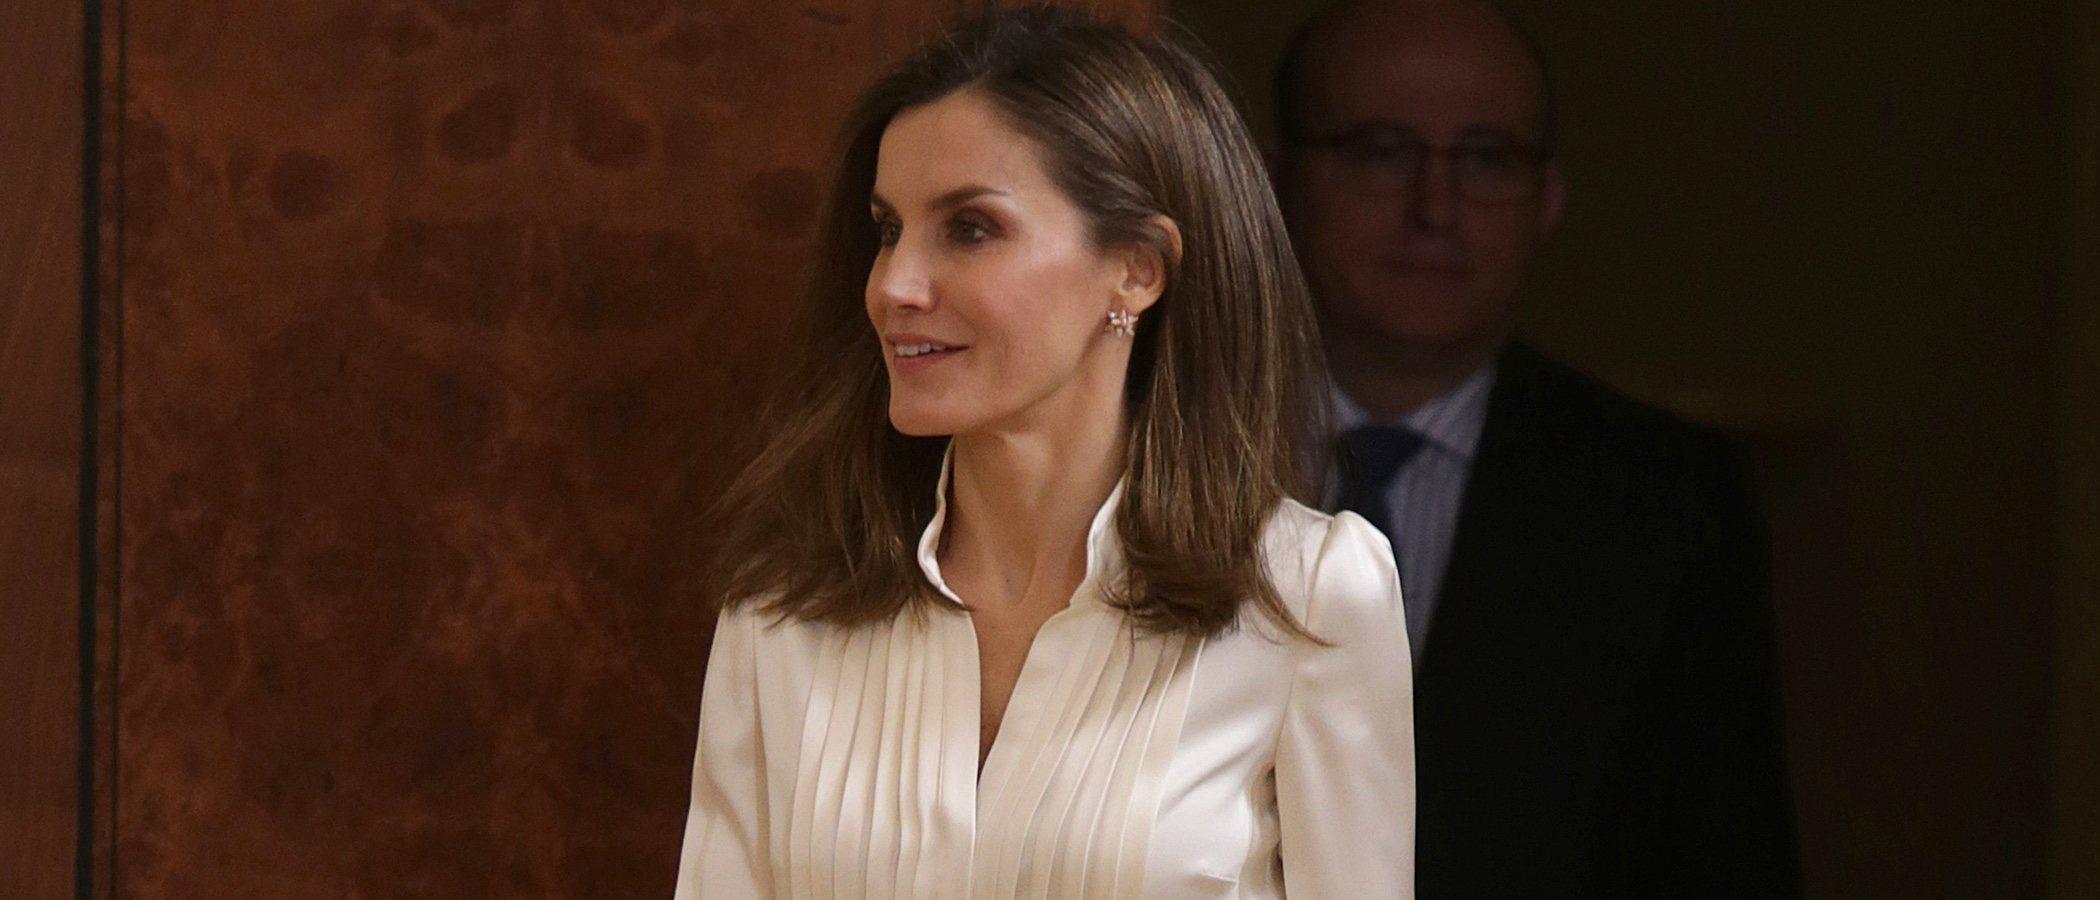 El look de la Reina Letizia convertido en low cost. ¡Atrévete a copiarlo!